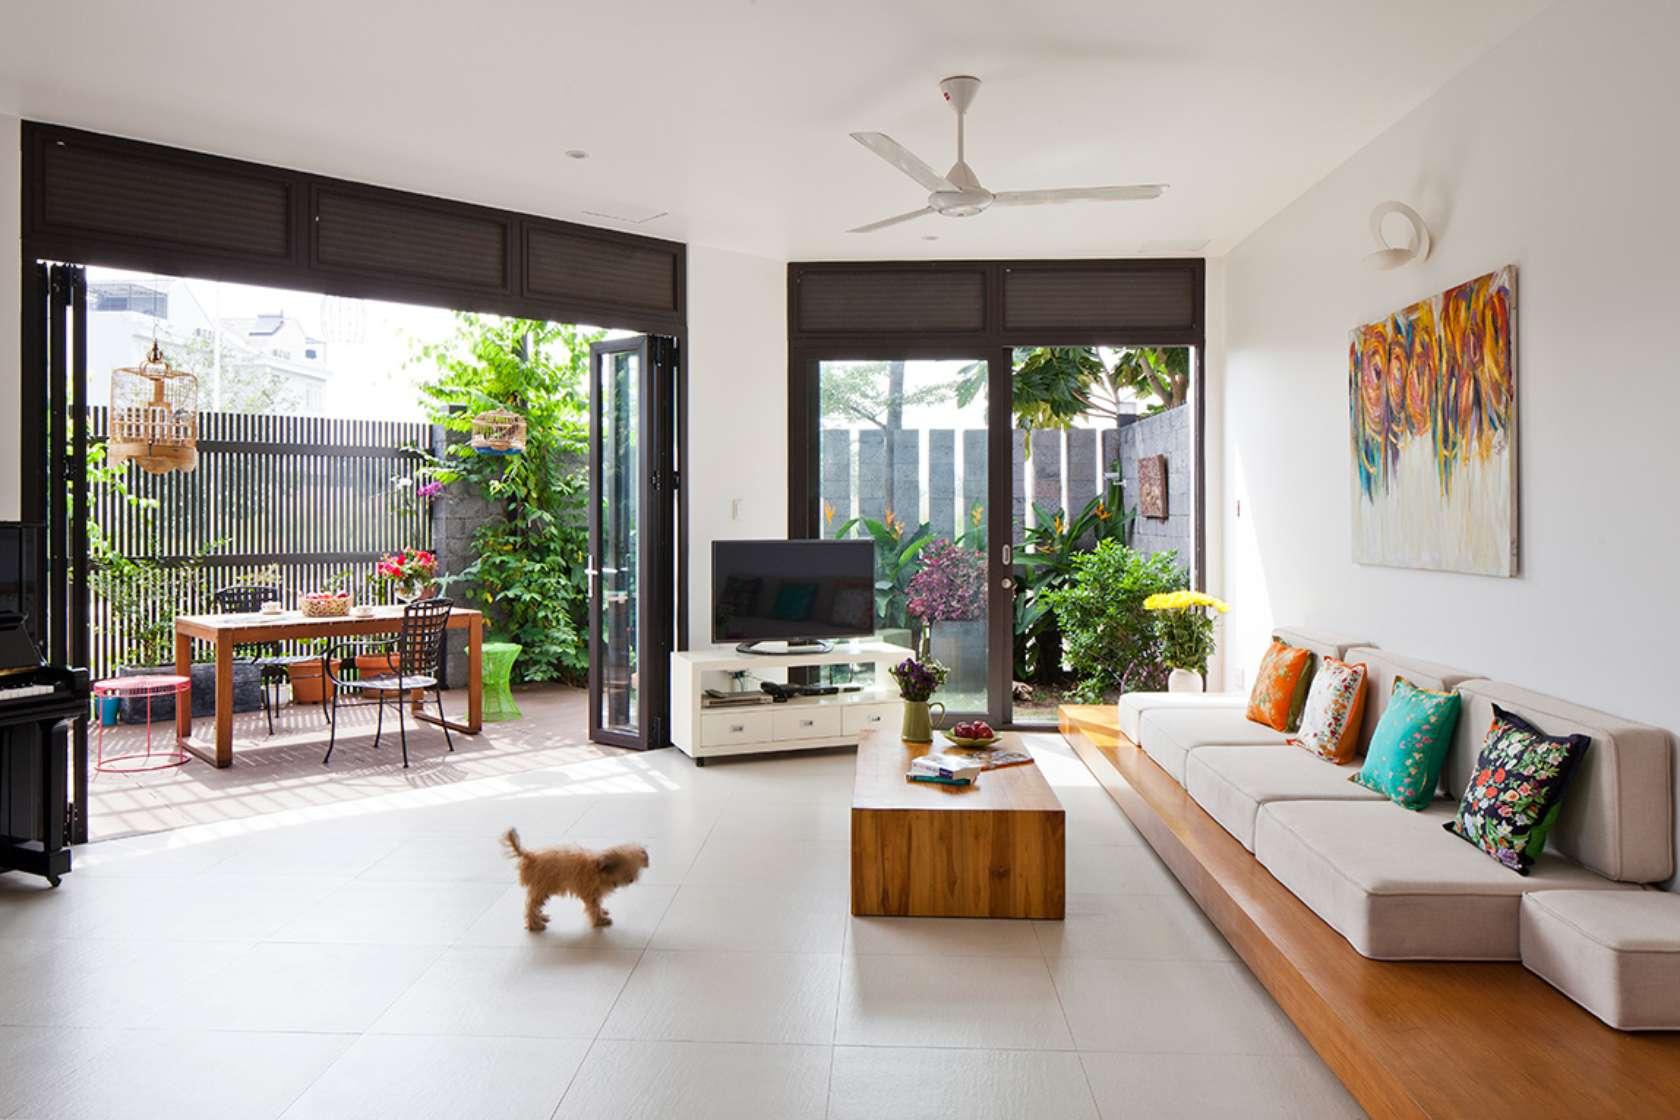 ngoi nha ngoai o sai thanh khien bao tay khong tiec loi khen ngoi da67d40b6c - D2 Town House Ngôi nhà có sân vườn cực đẹp ở Sài Gòn